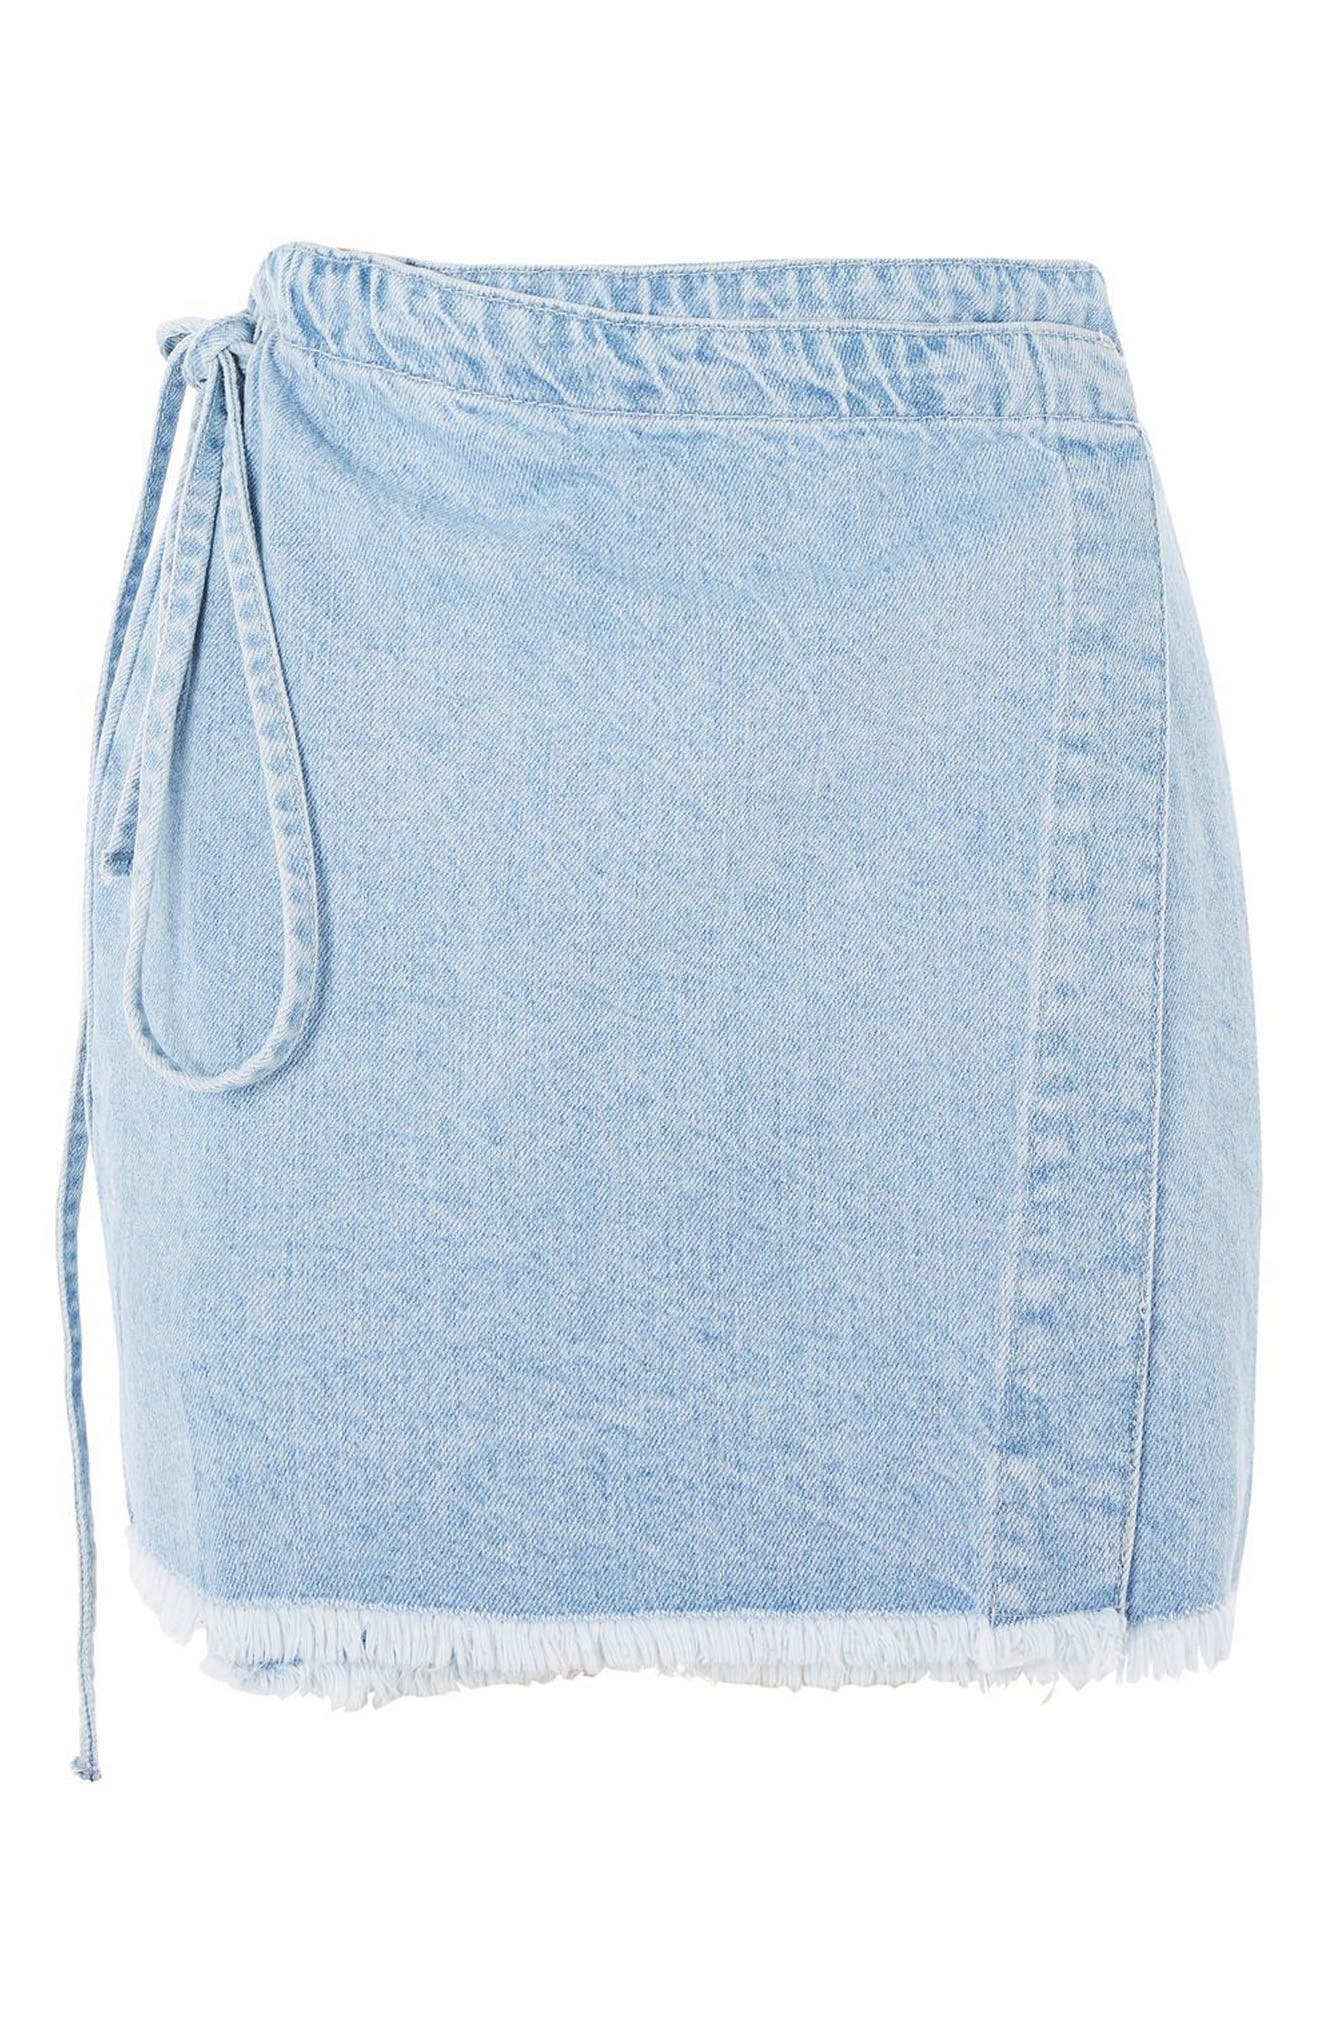 Tie Wrap Denim Skirt,                             Alternate thumbnail 4, color,                             Light Denim